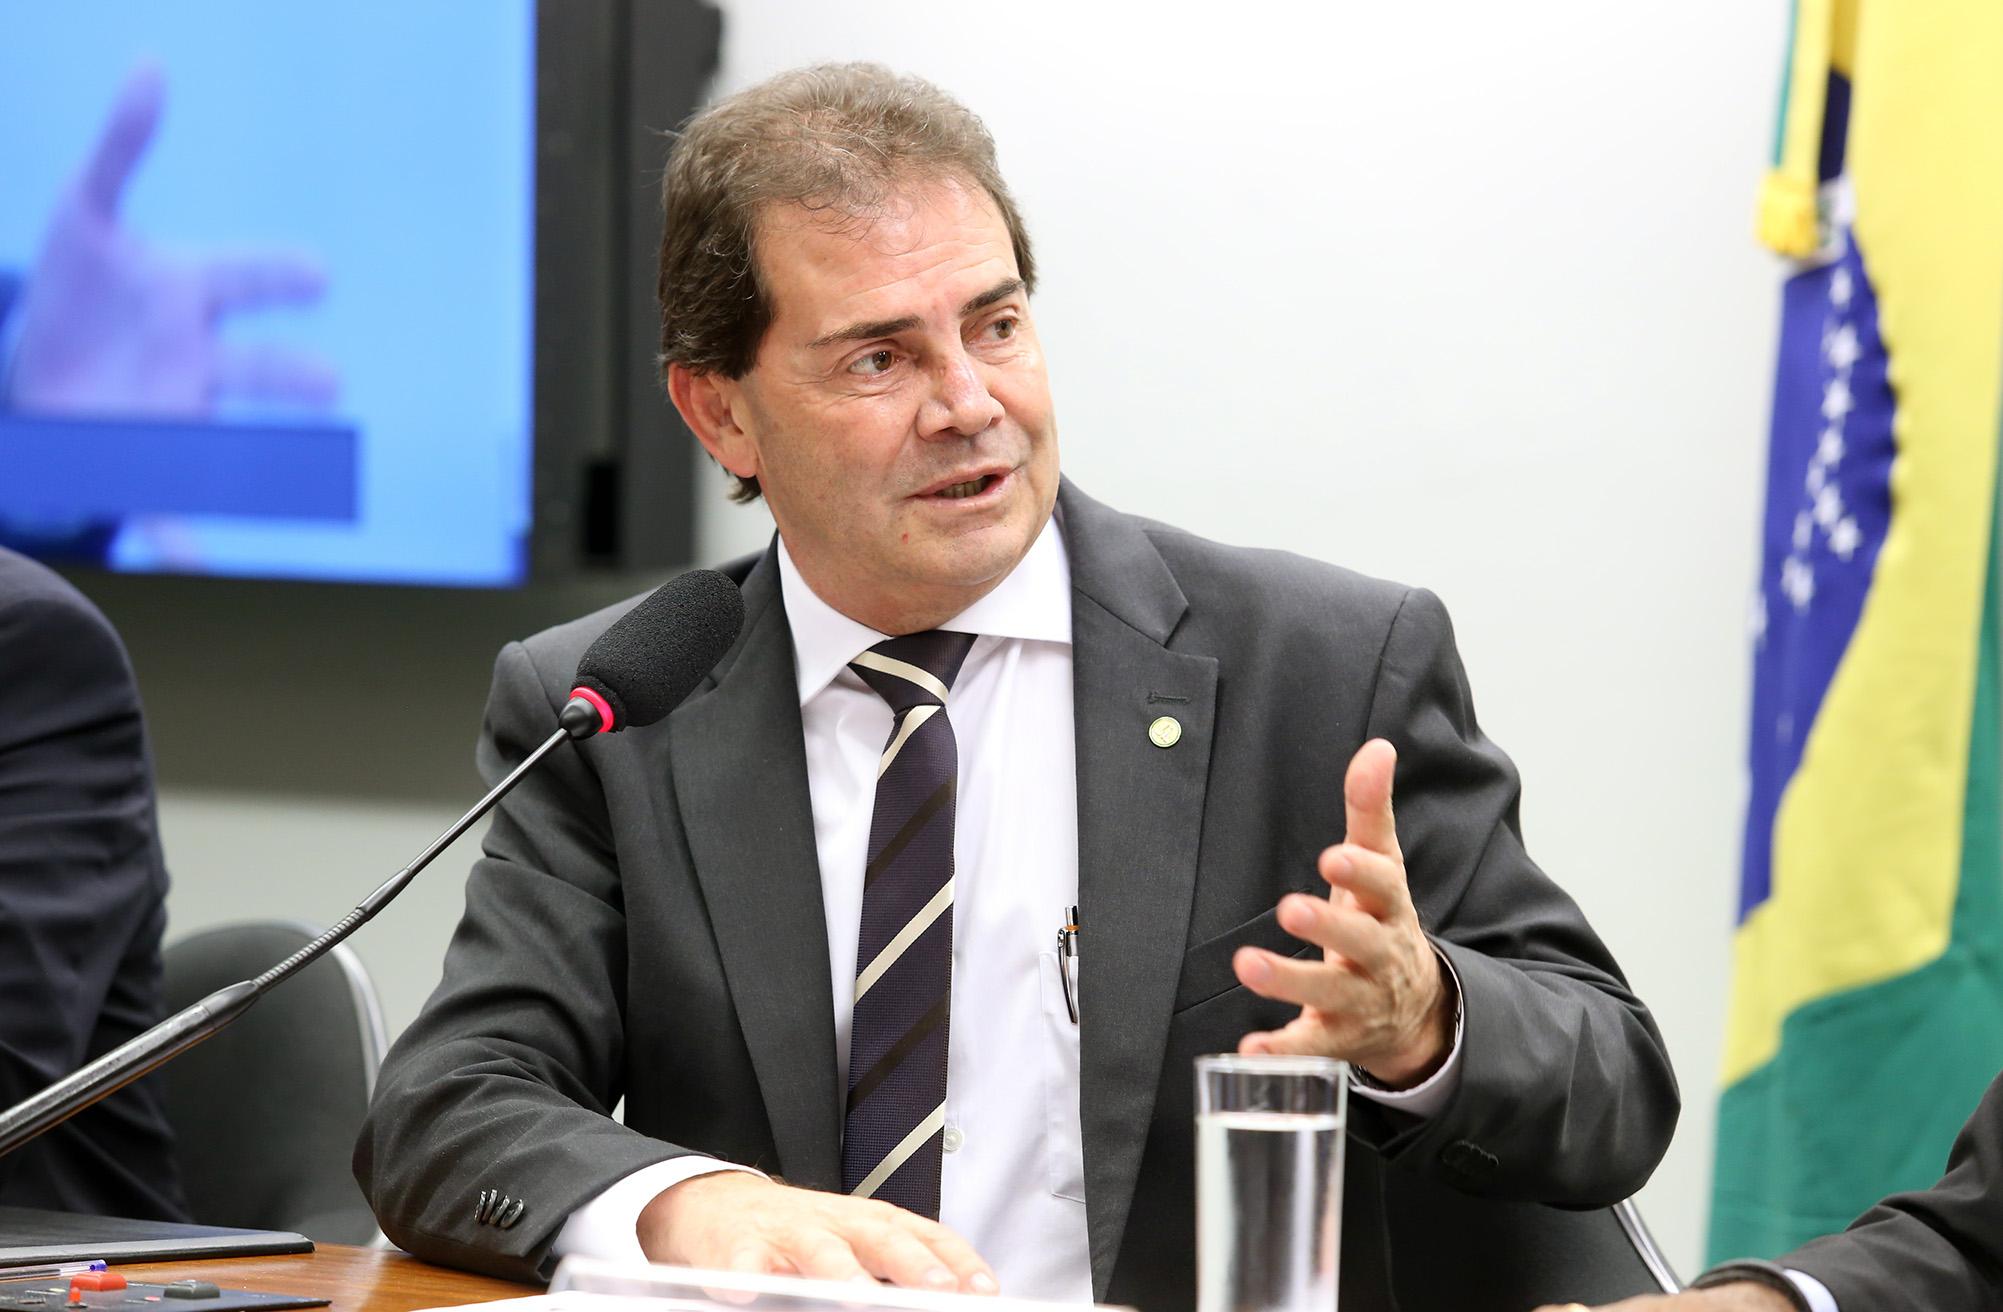 Audiência Pública. Dep. Paulo Pereira da Silva (SD - SP)